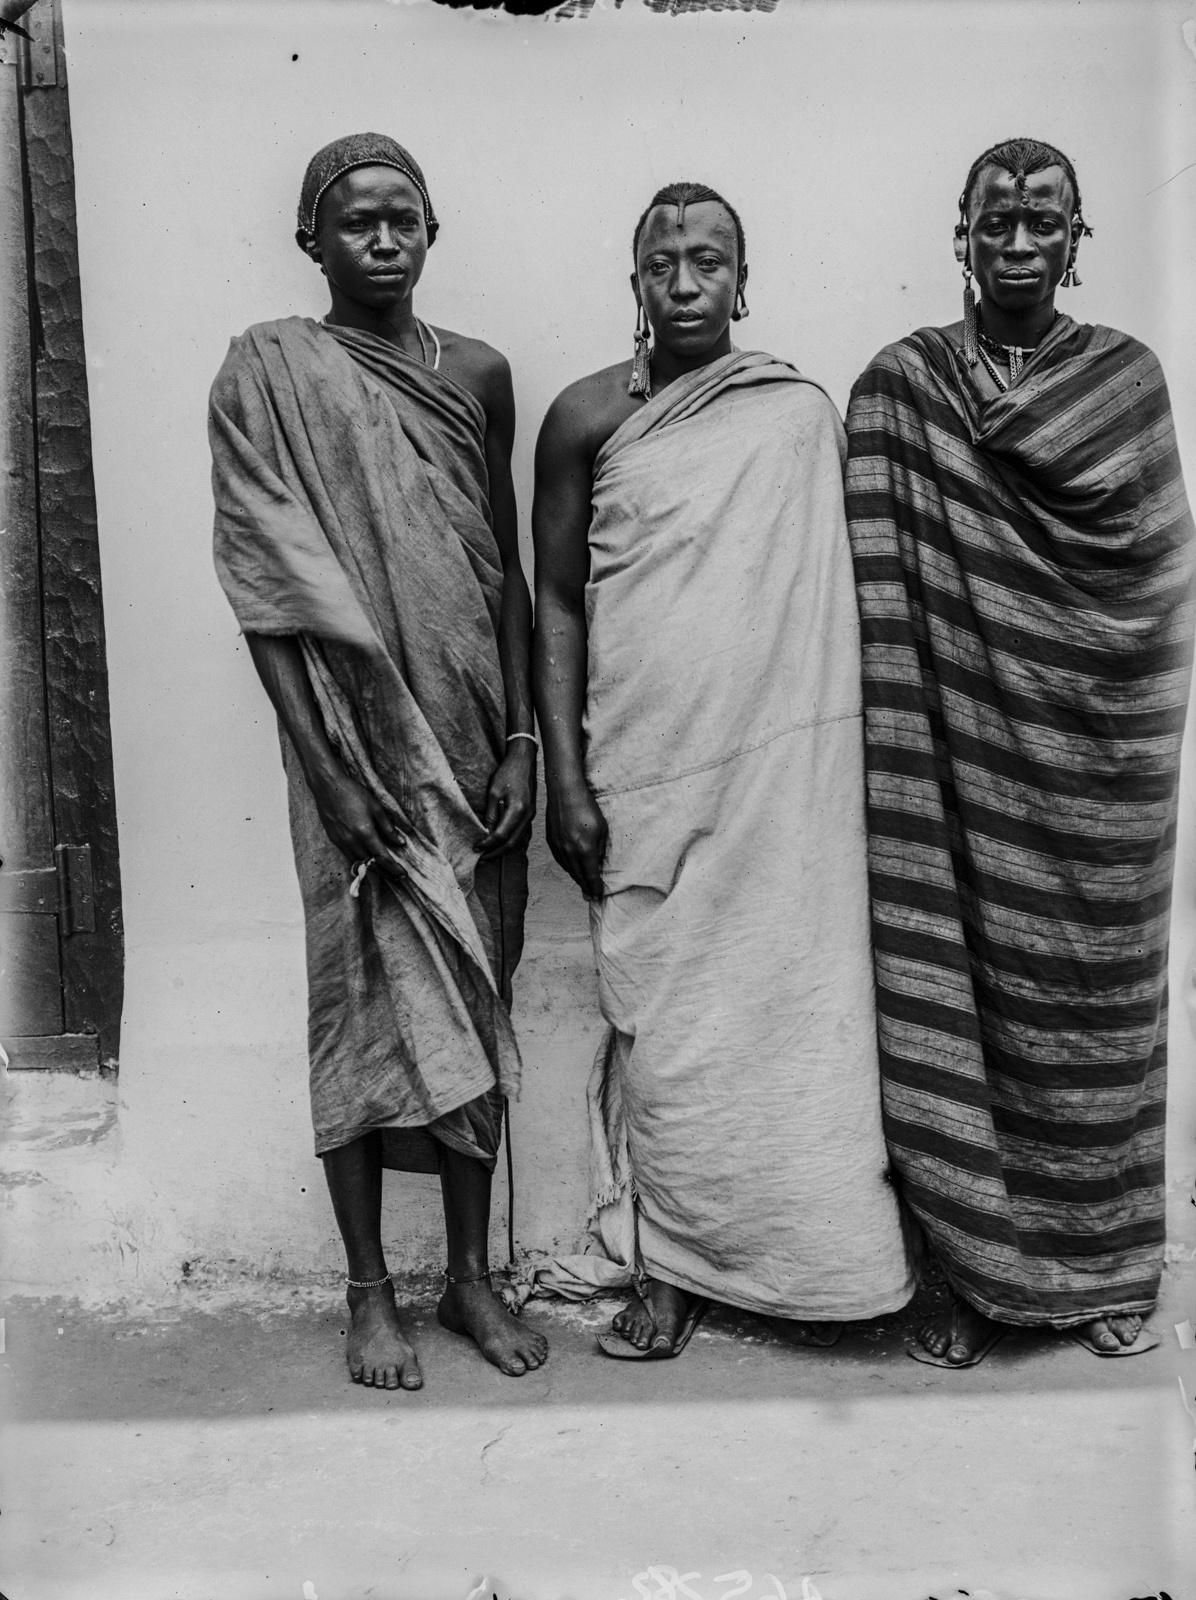 307. Групповой портрет с тремя мужчинами, вероятно, вождями  чагга